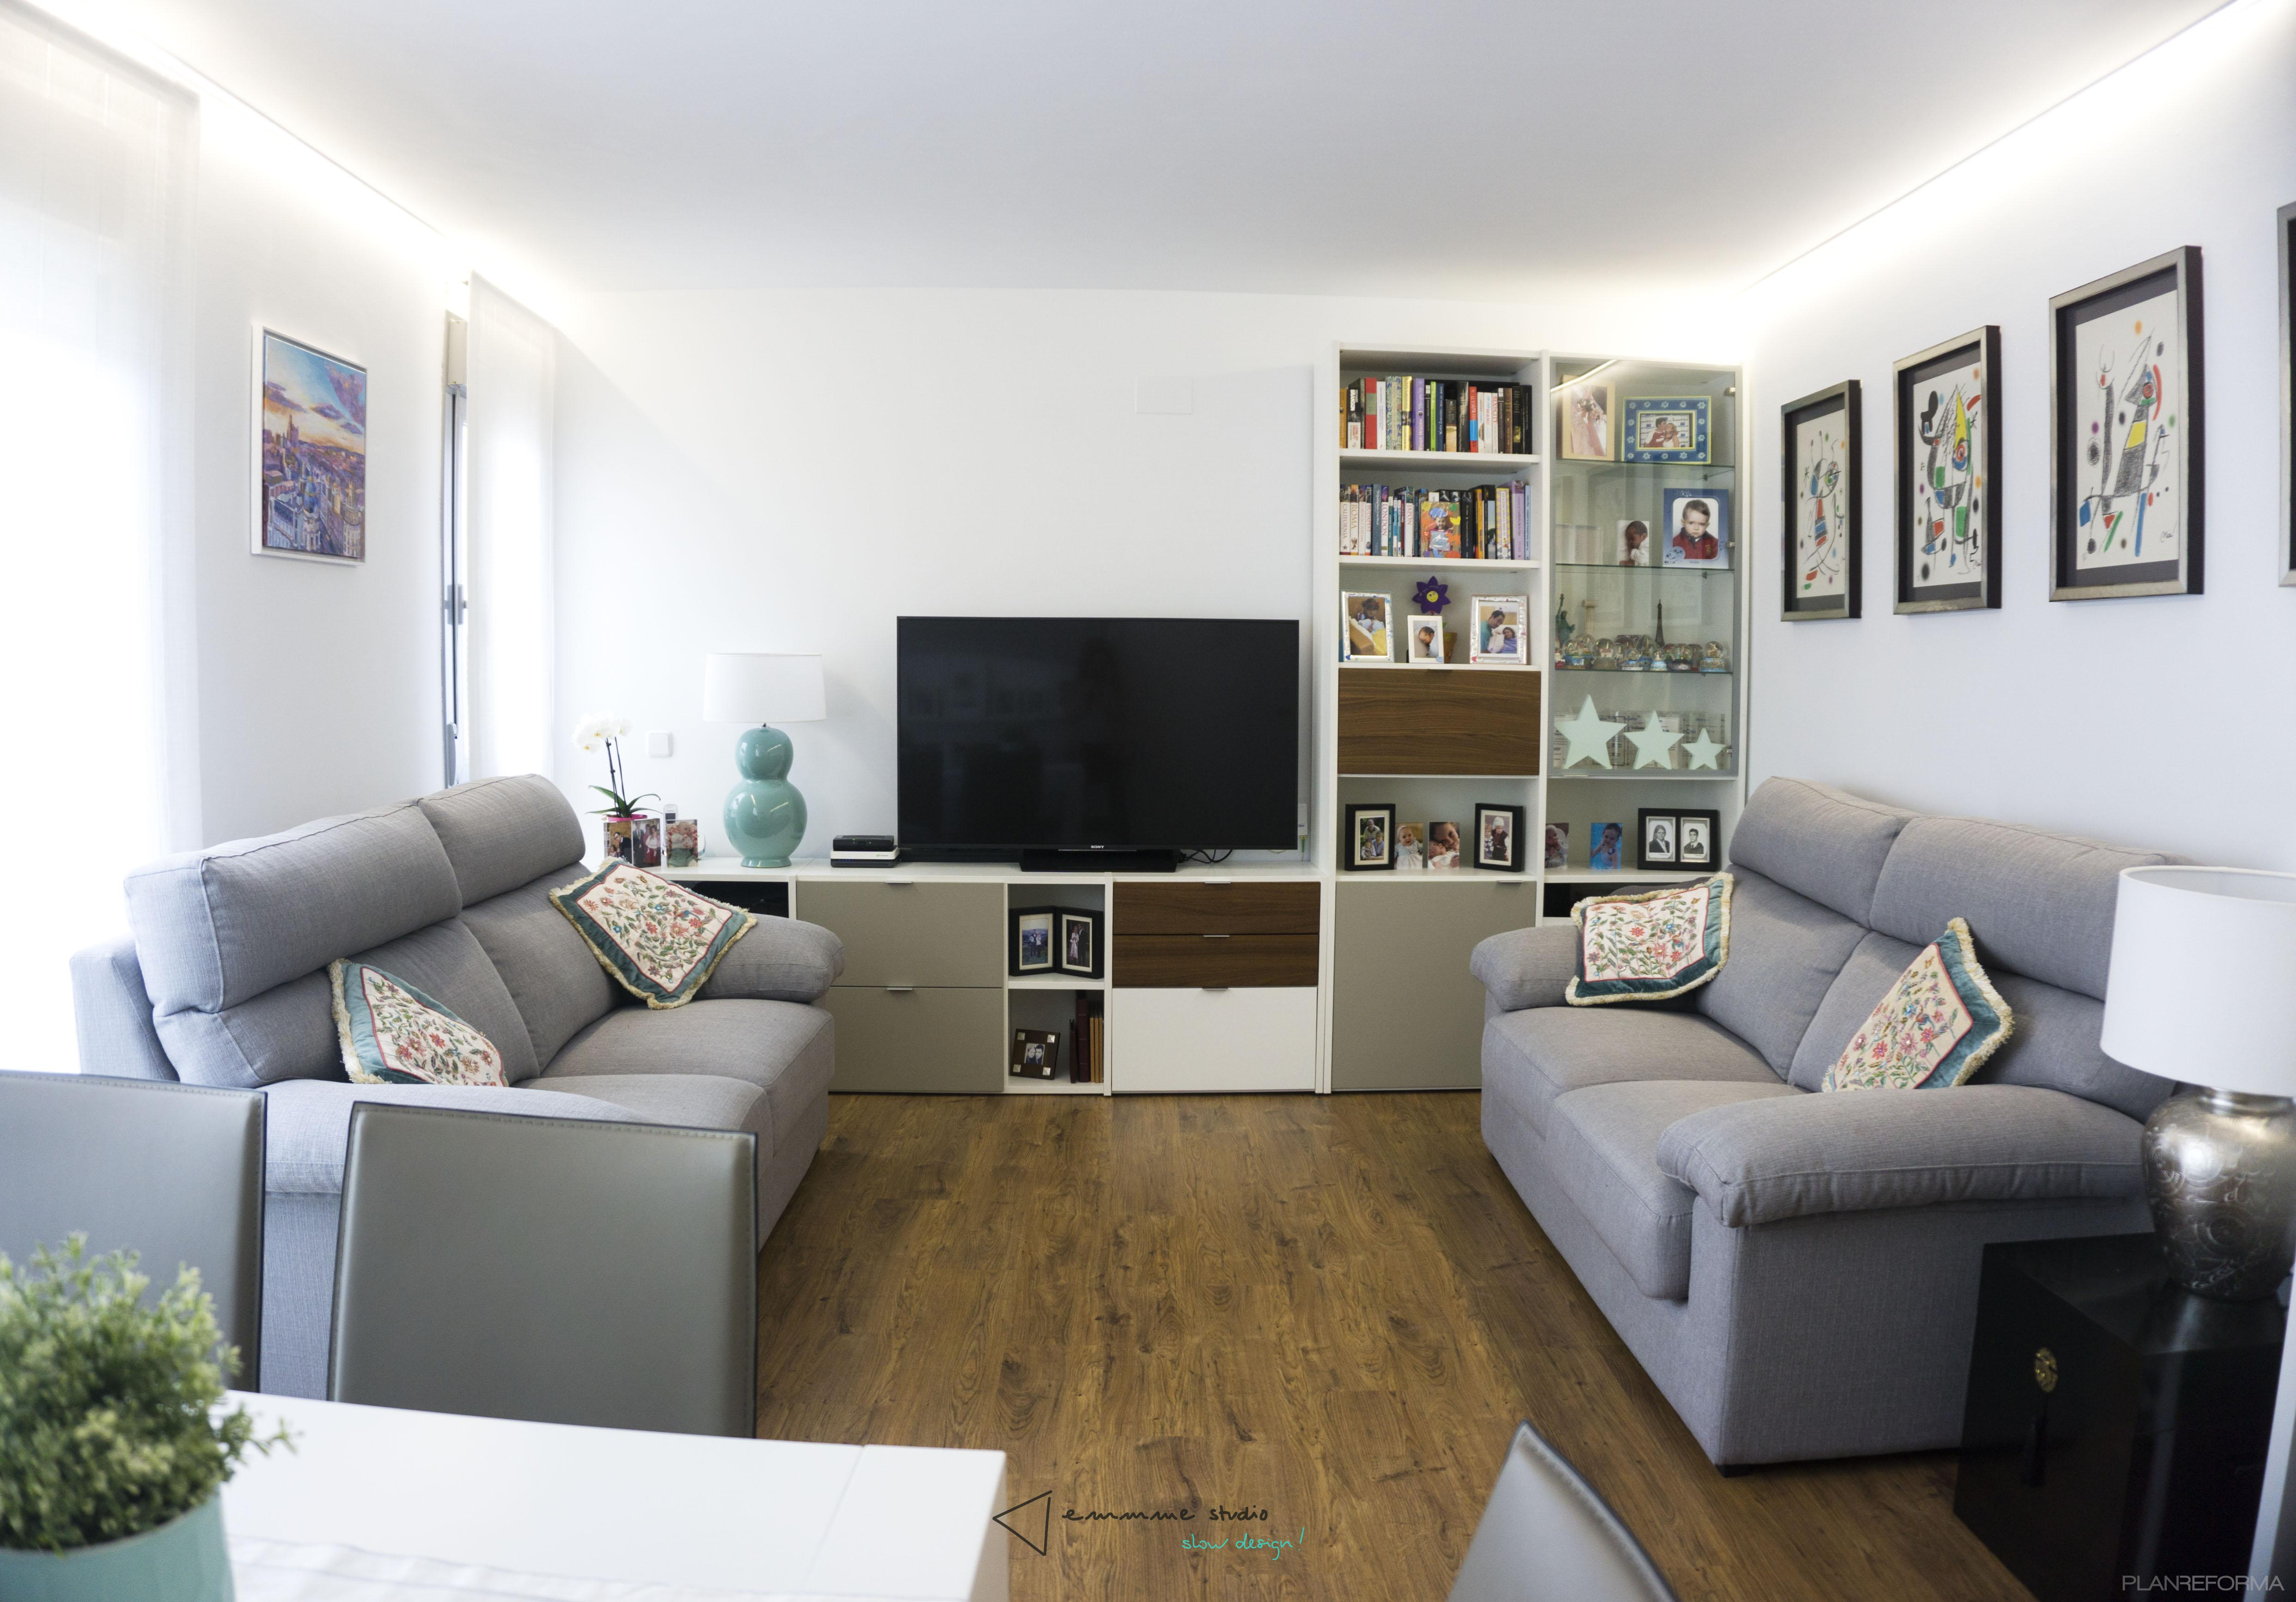 Salon estilo moderno color blanco - Emmme studio ...